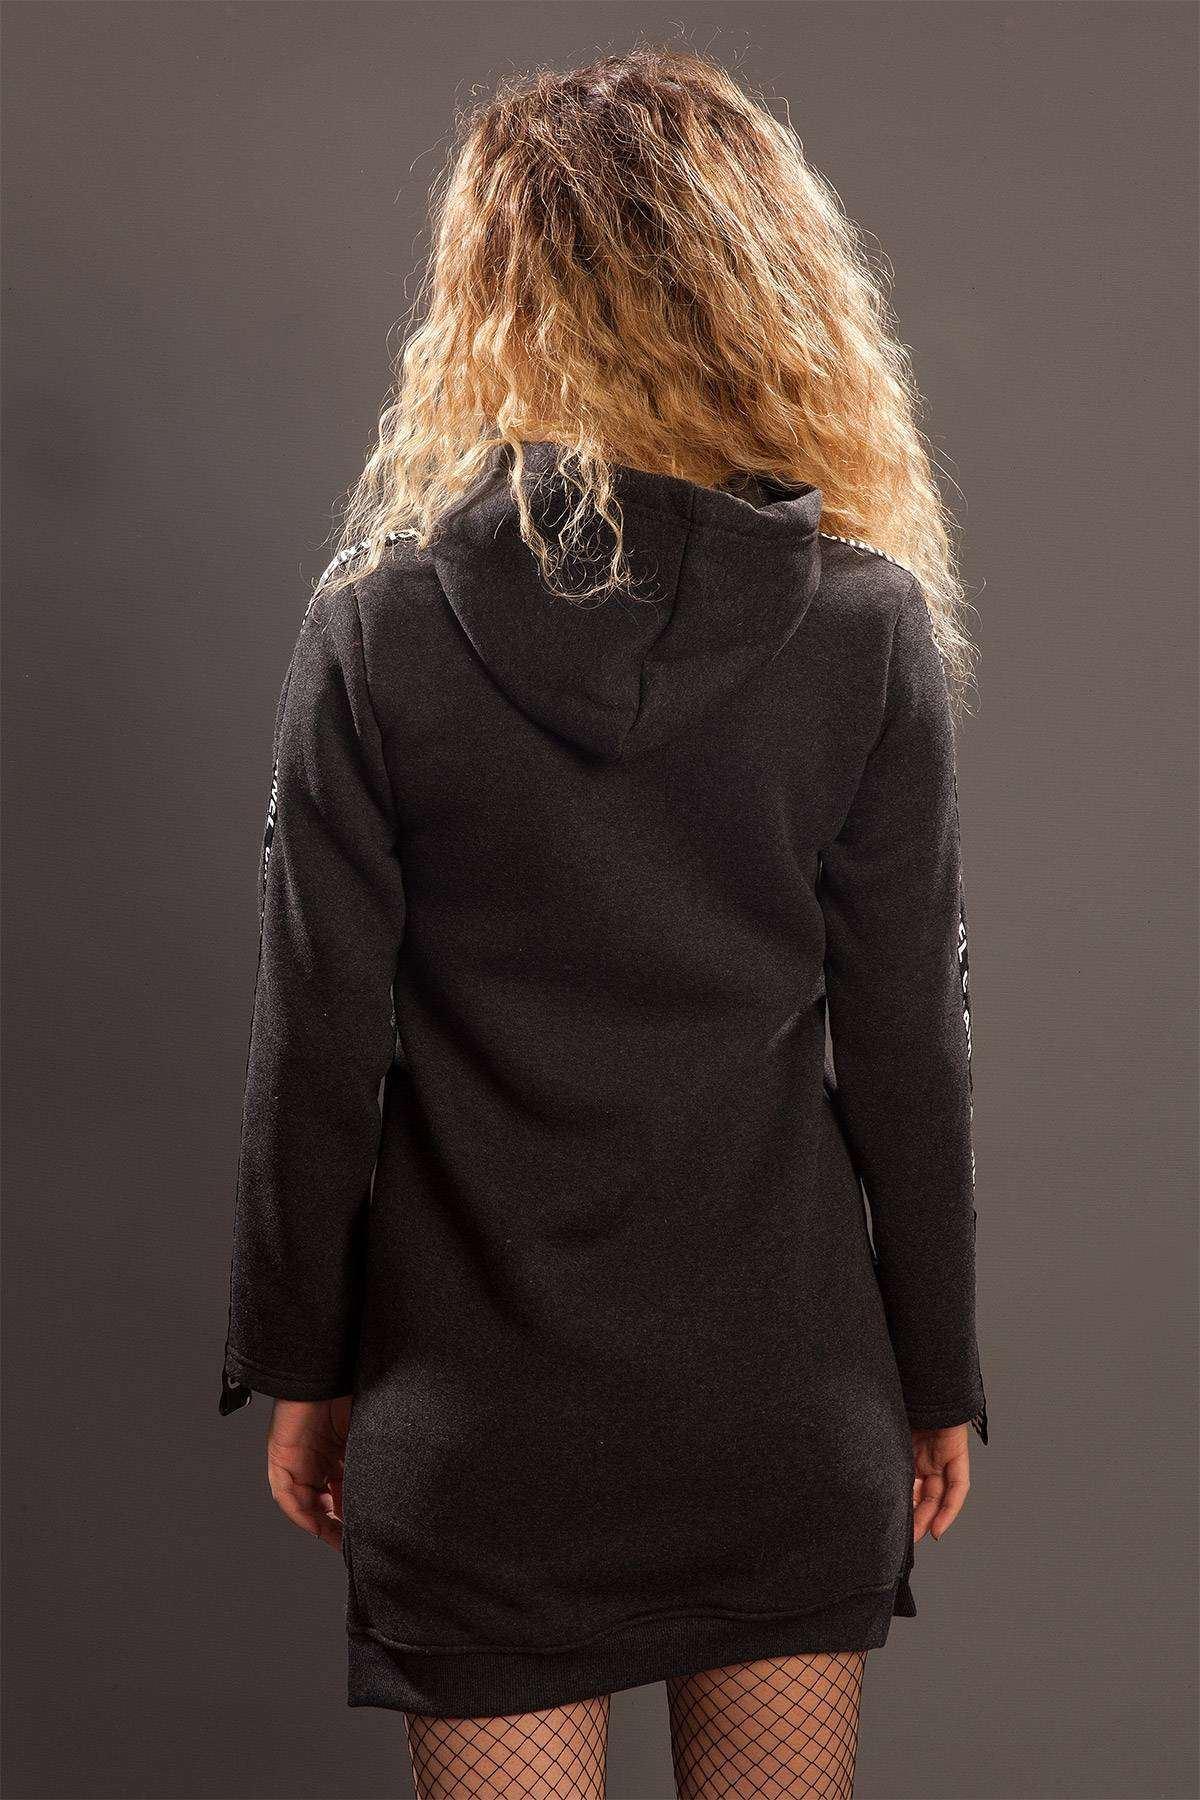 Kolları Yazı Baskı Detaylı Kapşonlu Sweatshirt Antrasit